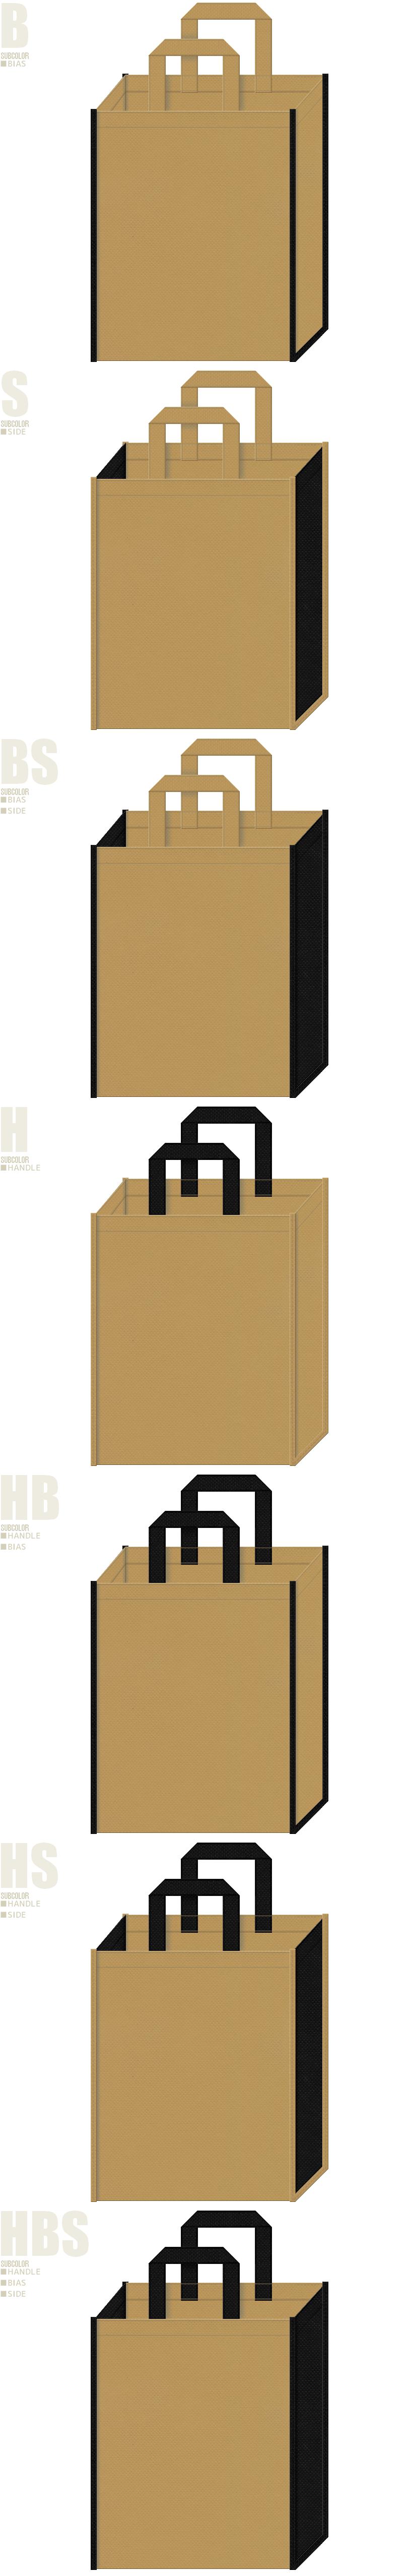 襖・額縁・書道・ゲーム・大名・印籠・戦国・お城イベントにお奨めの不織布バッグデザイン:マスタード色と黒色の配色7パターン